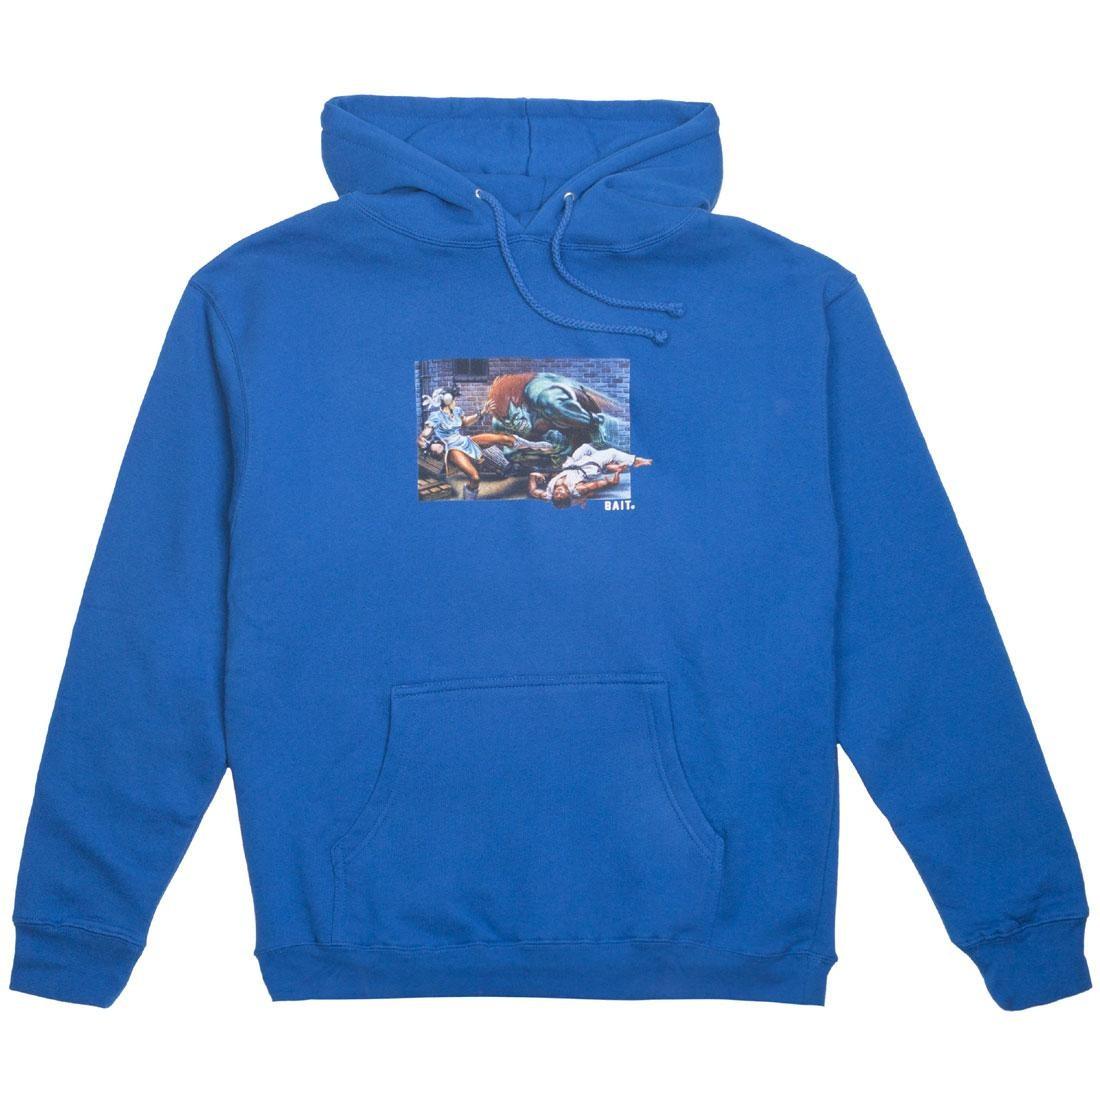 【海外限定】ストリート ファイター ウォリアー フーディー パーカー メンズファッション トップス 【 STREET BAIT X FIGHTER MEN THE WORLD WARRIOR HOODY BLUE ROYAL 】